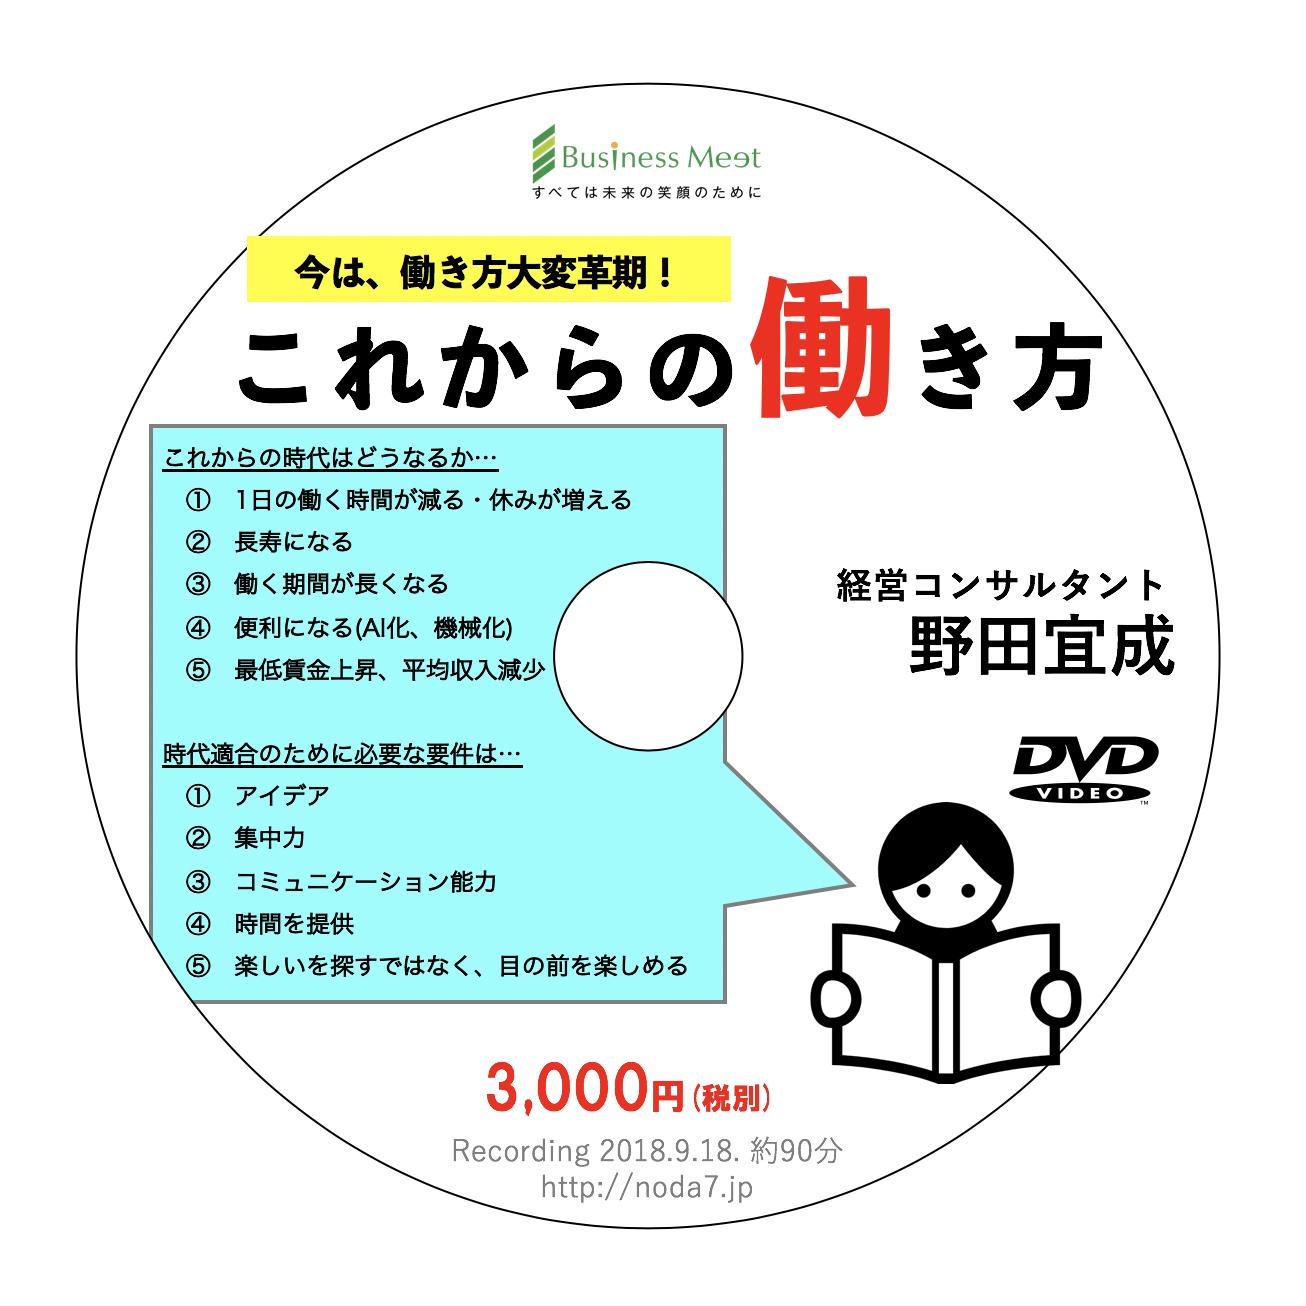 【DVD】今は、働き方大変革期!これからの働き方を知り、考える。